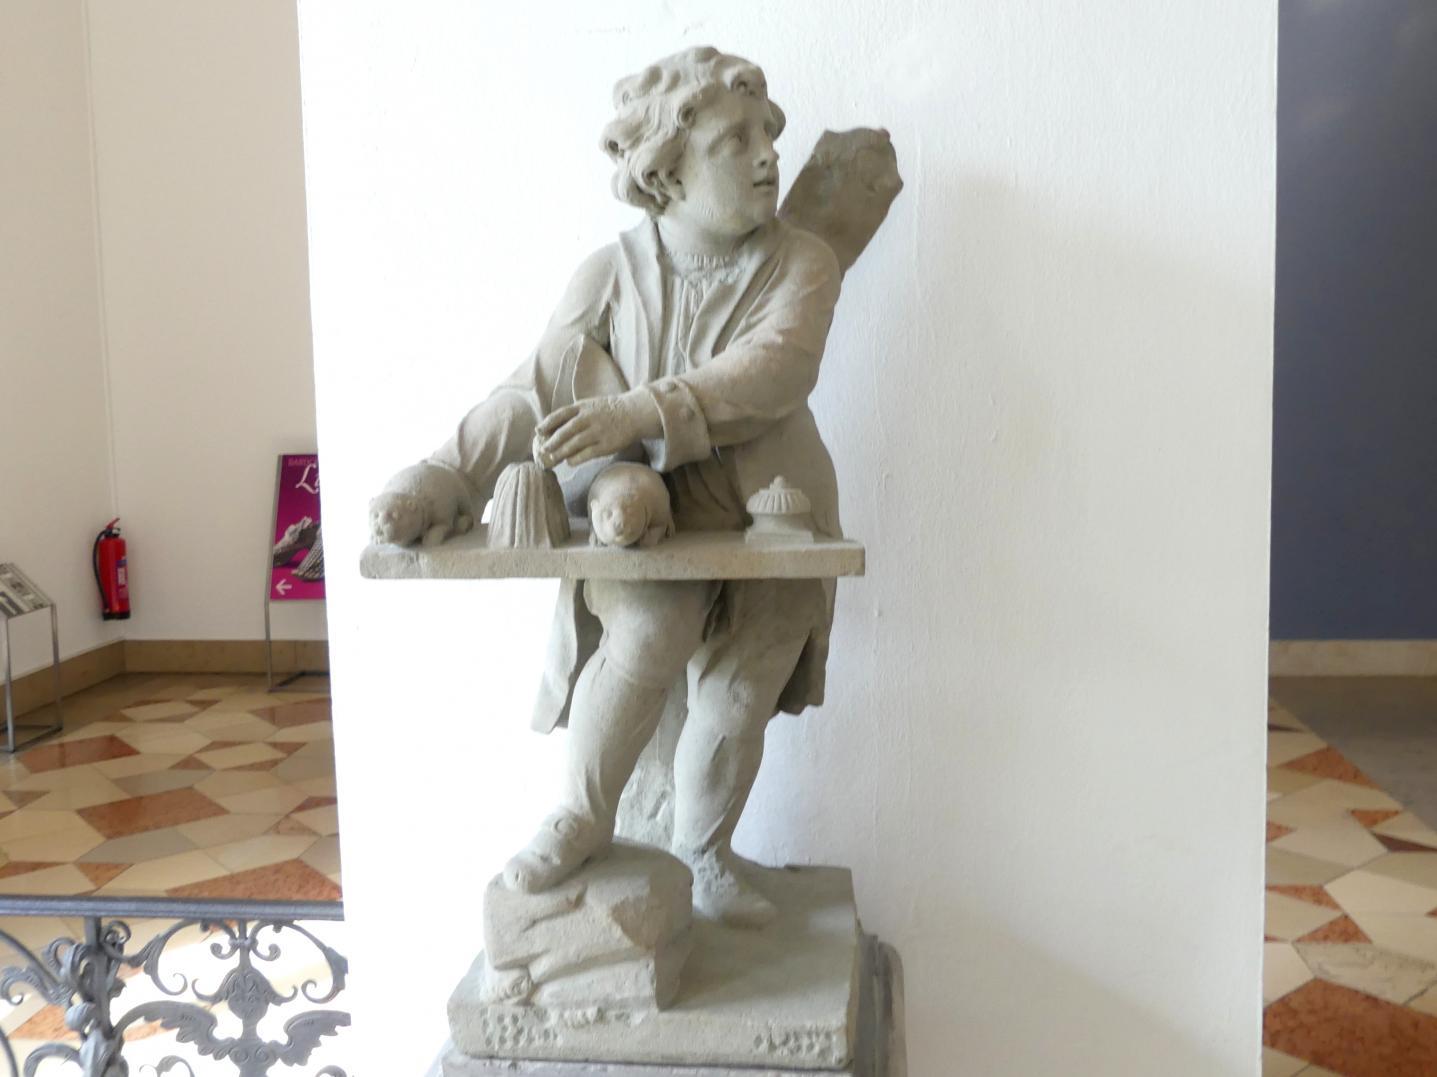 Johann Peter Wagner: Knabe mit Meerschweinchen, um 1775, Bild 2/3